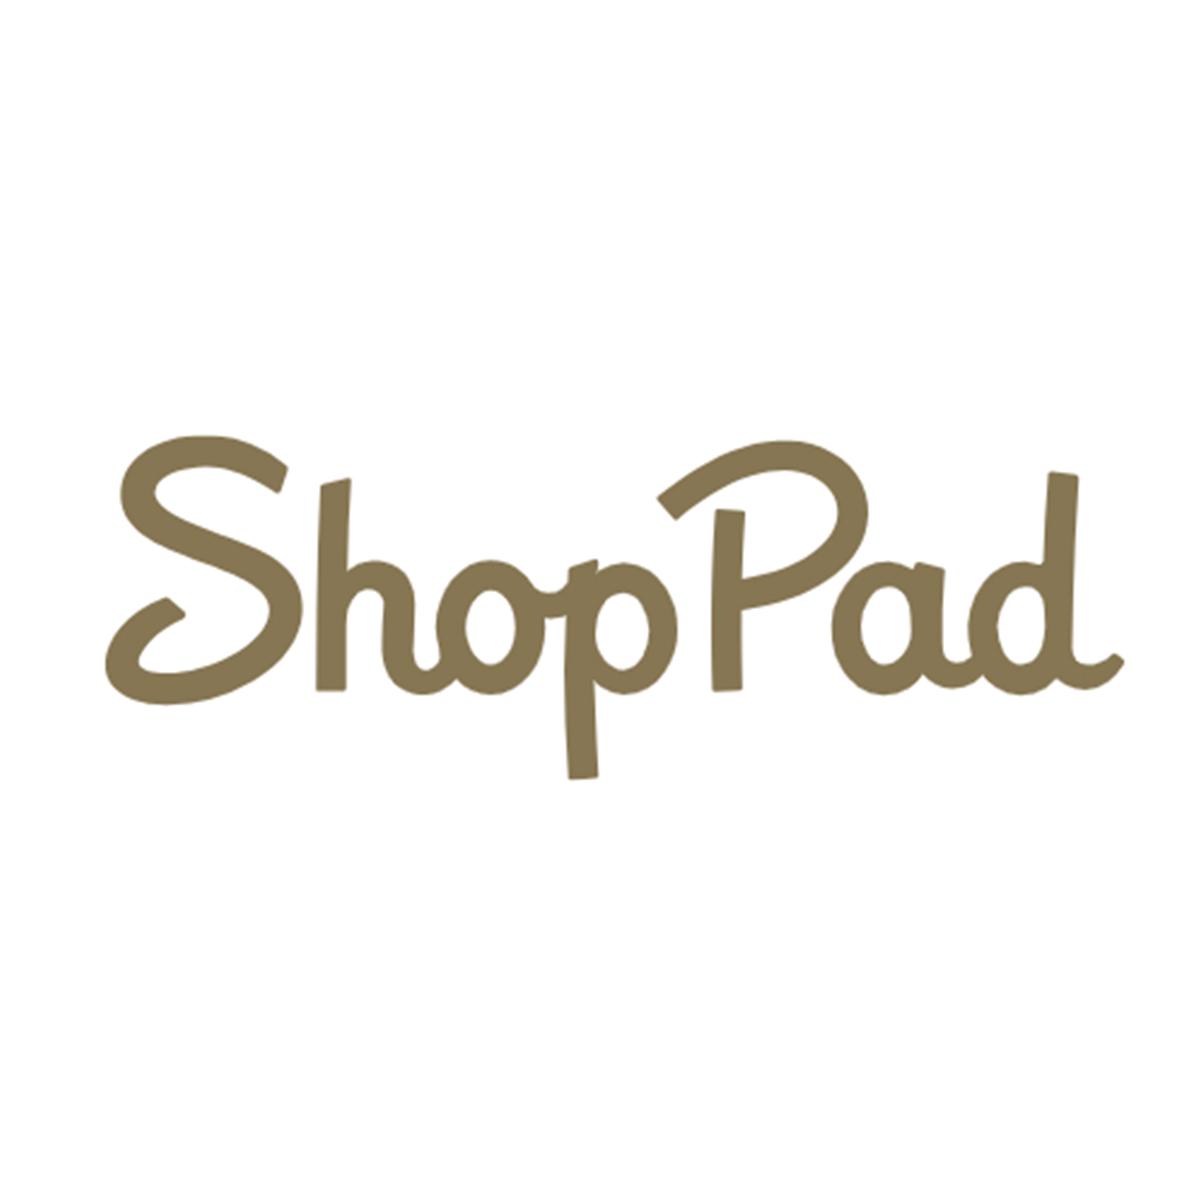 ShopPad logo.png